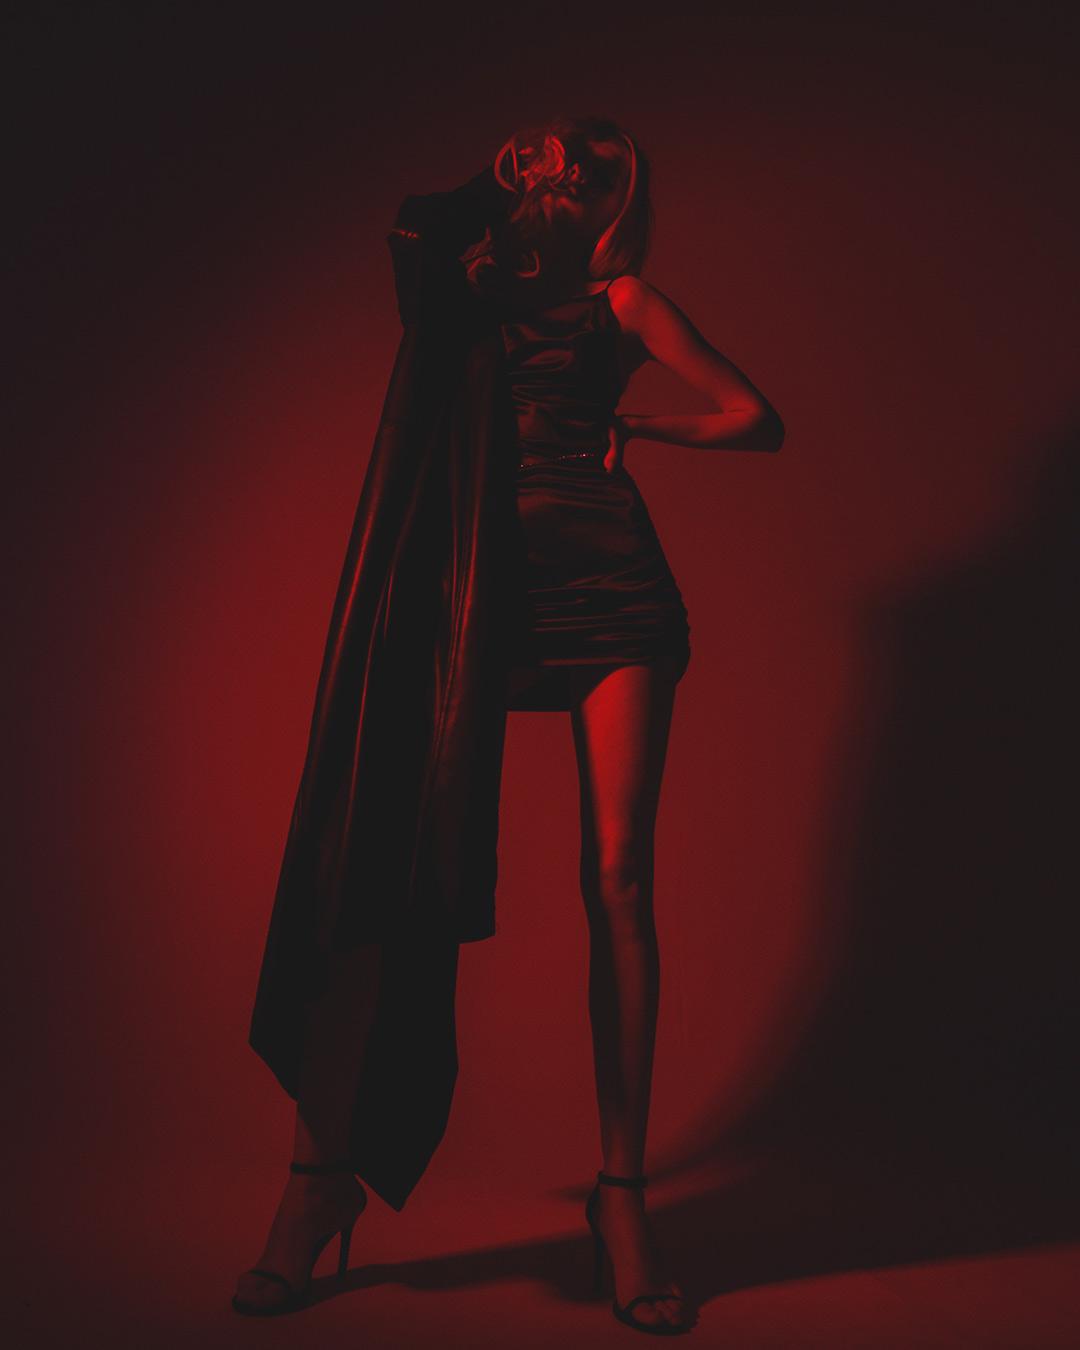 eine schwarz gekleidete frau getaucht in schwaches rotes licht